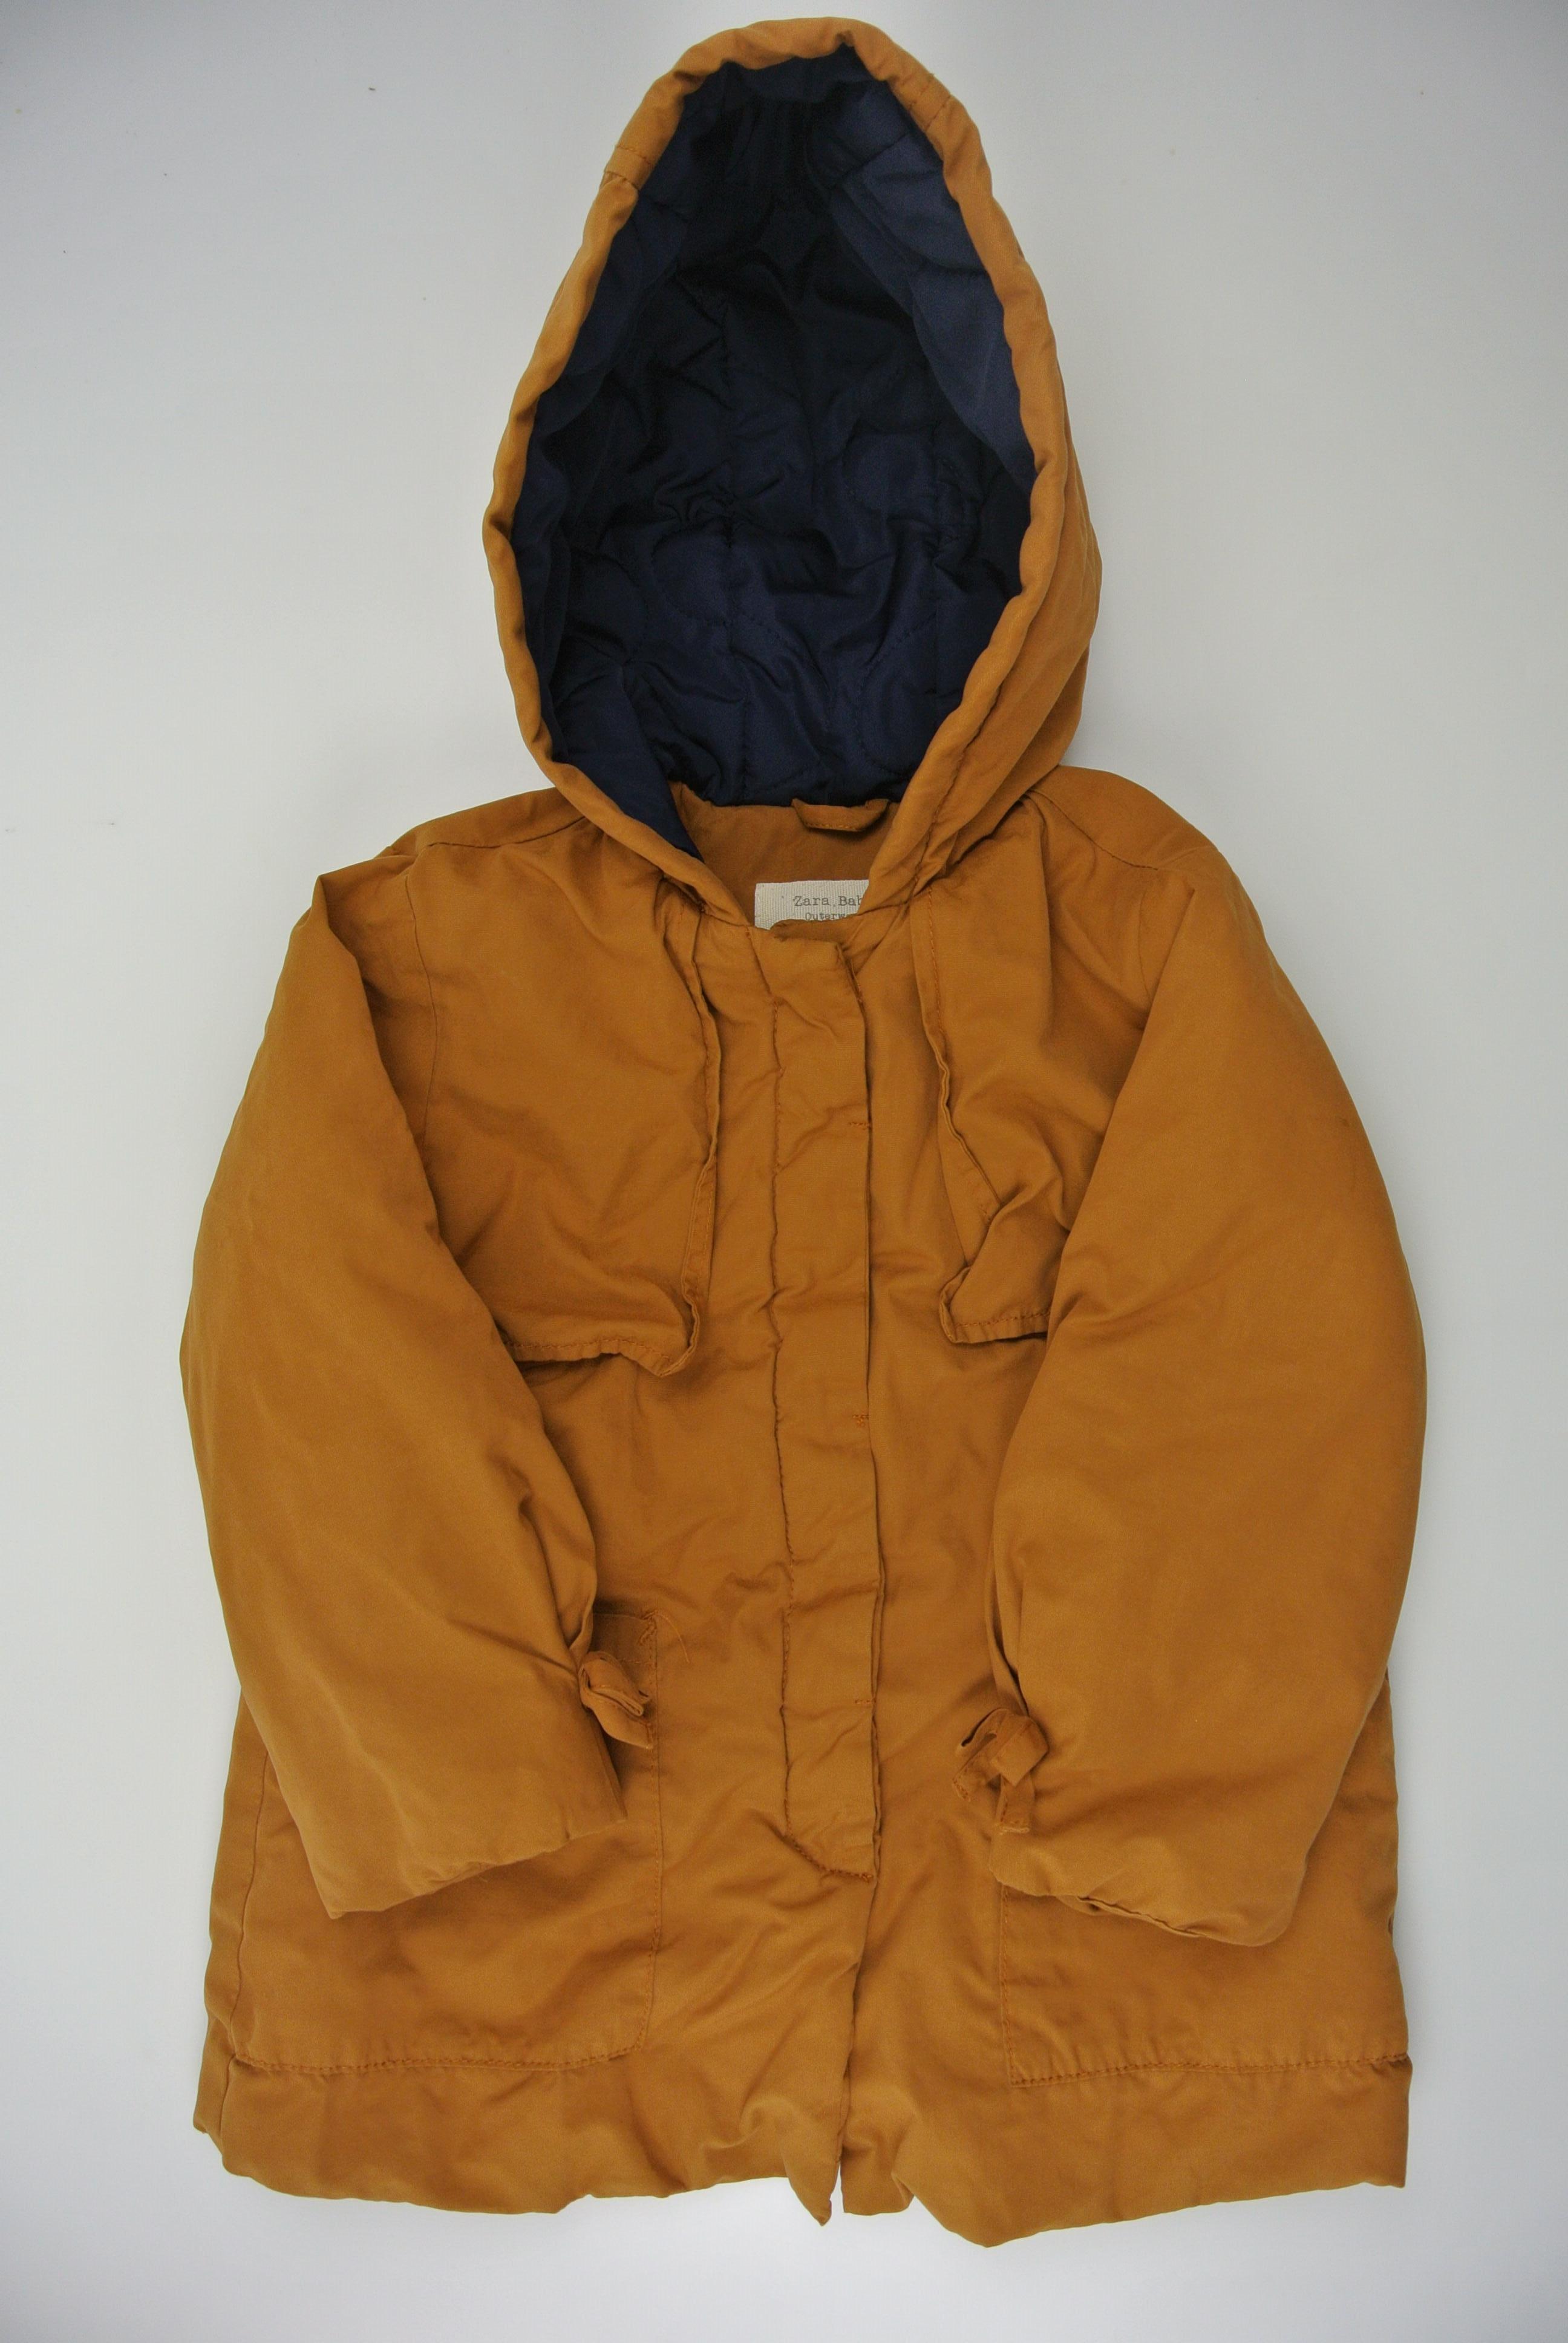 Zara jakke str 104 dreng